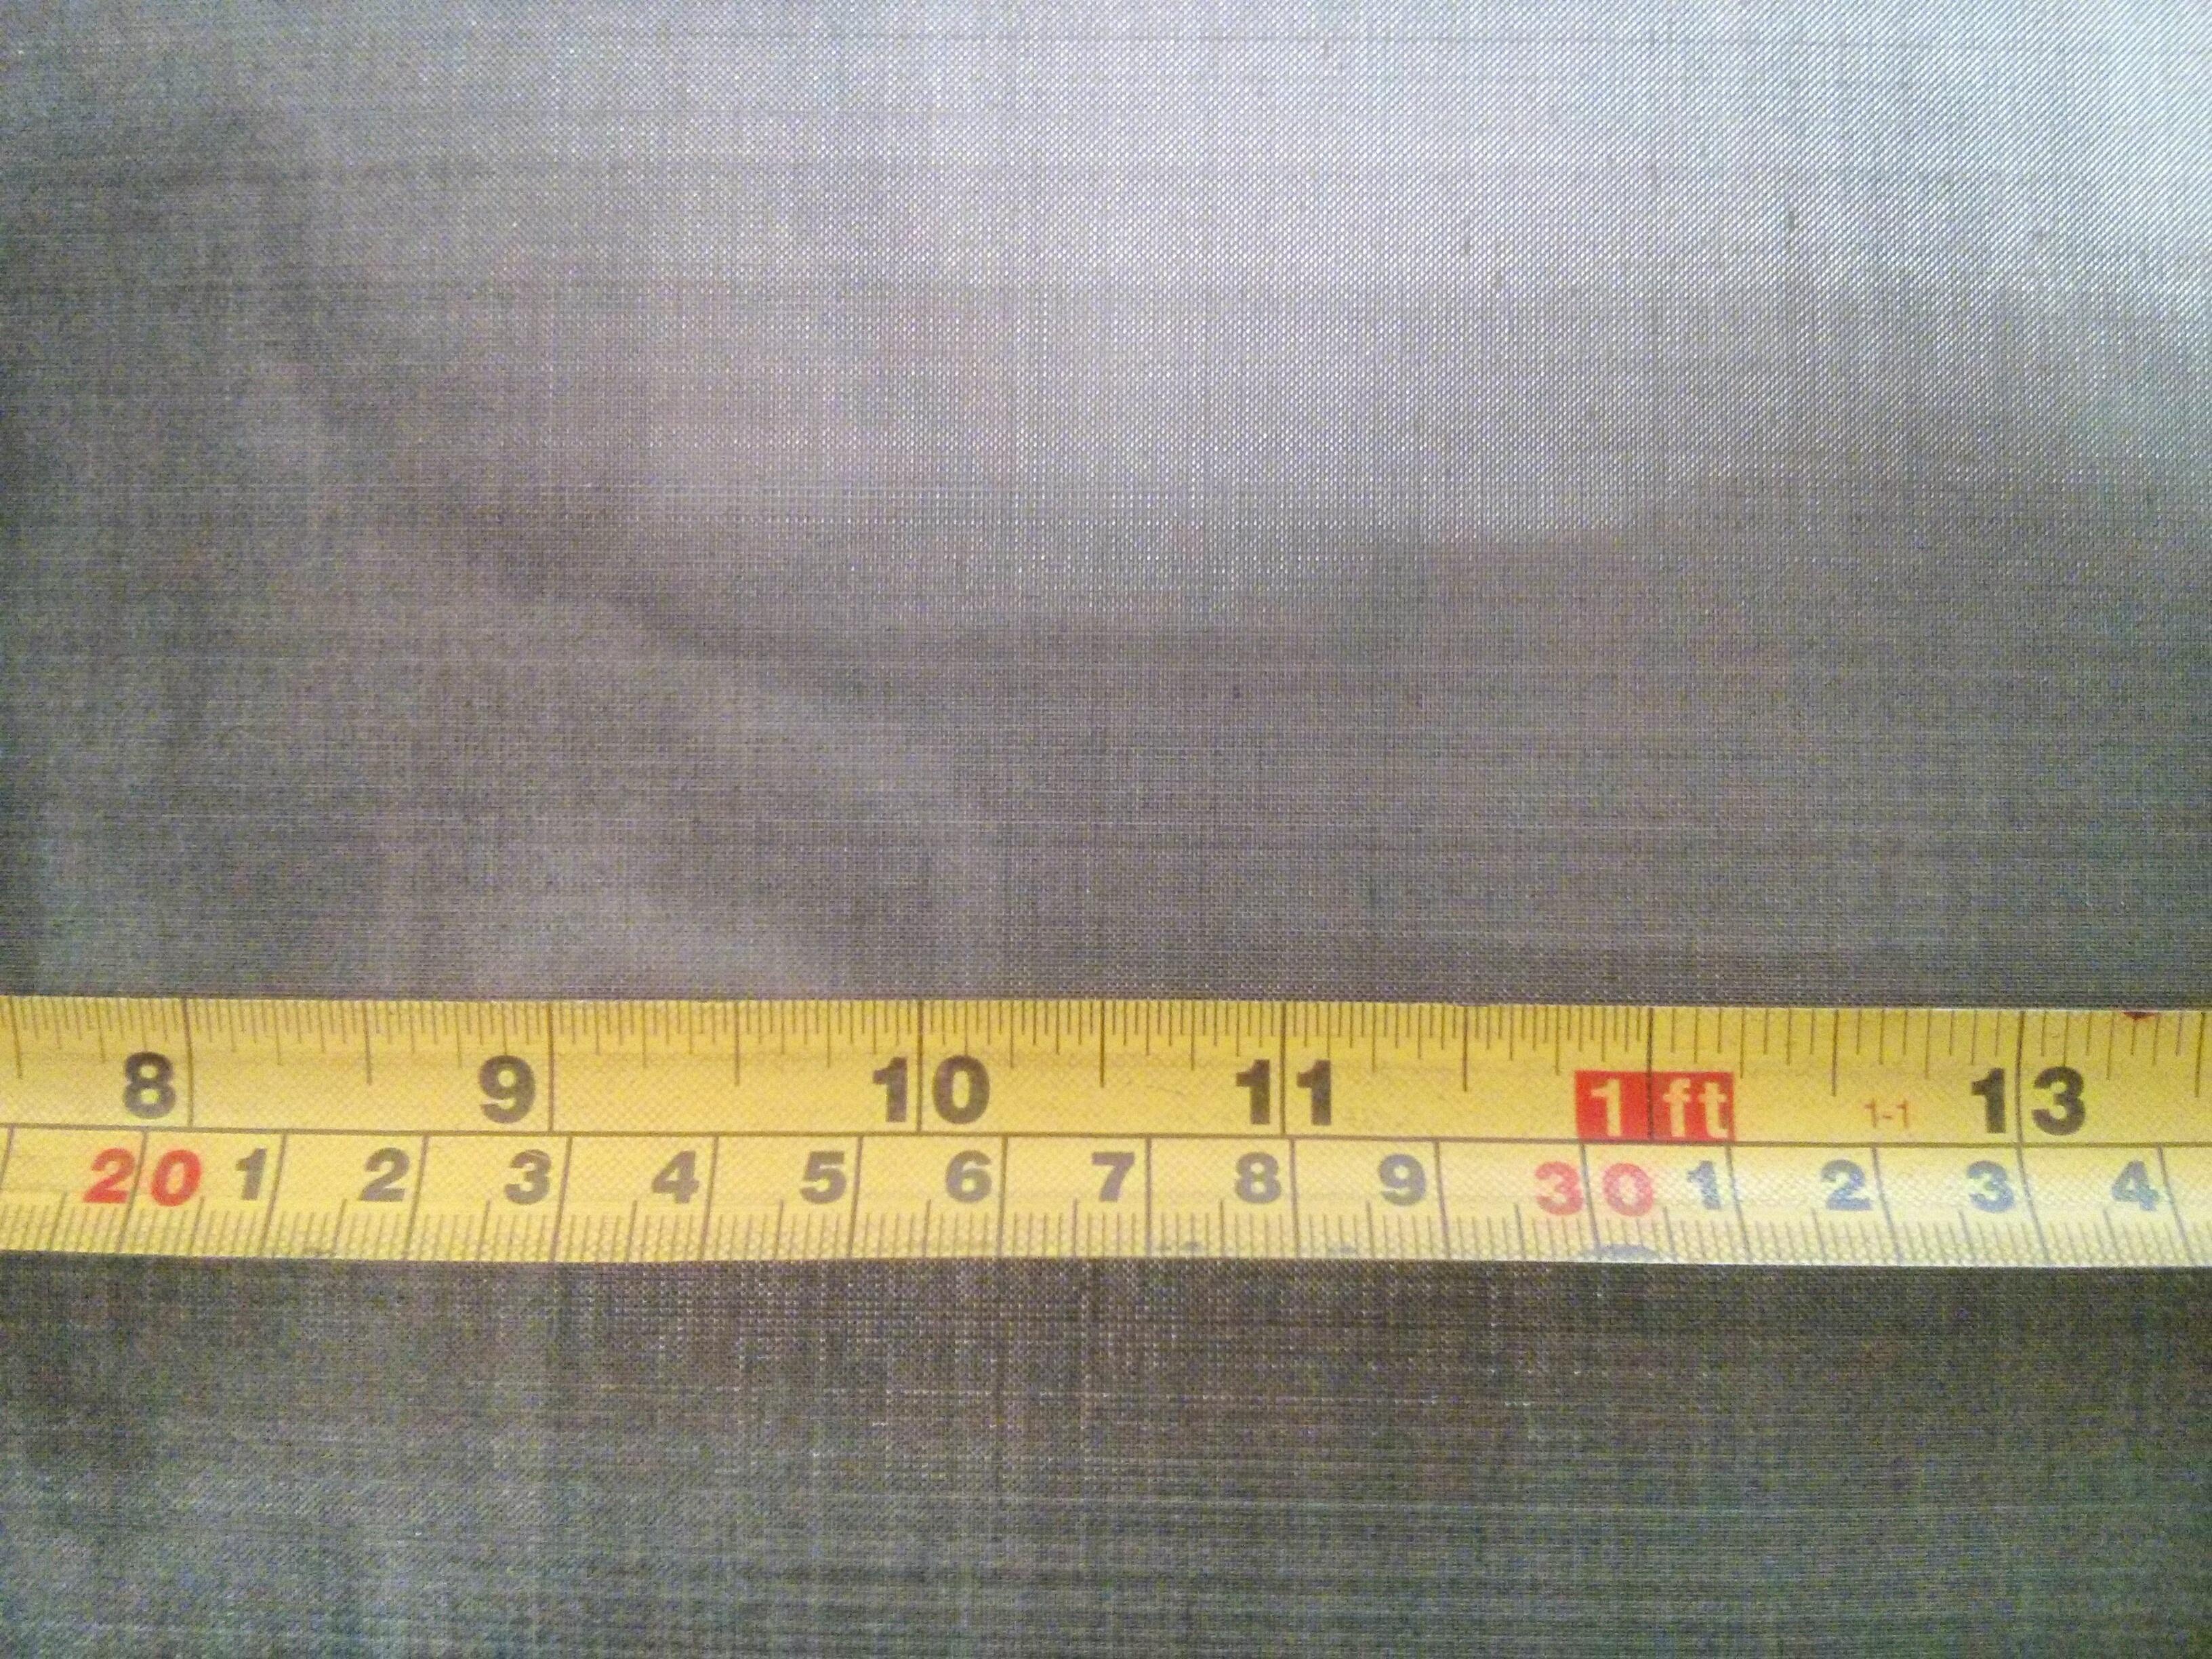 Mild steel woven 80 mesh: 0.178mm aperture MS80M39GW1.37L1